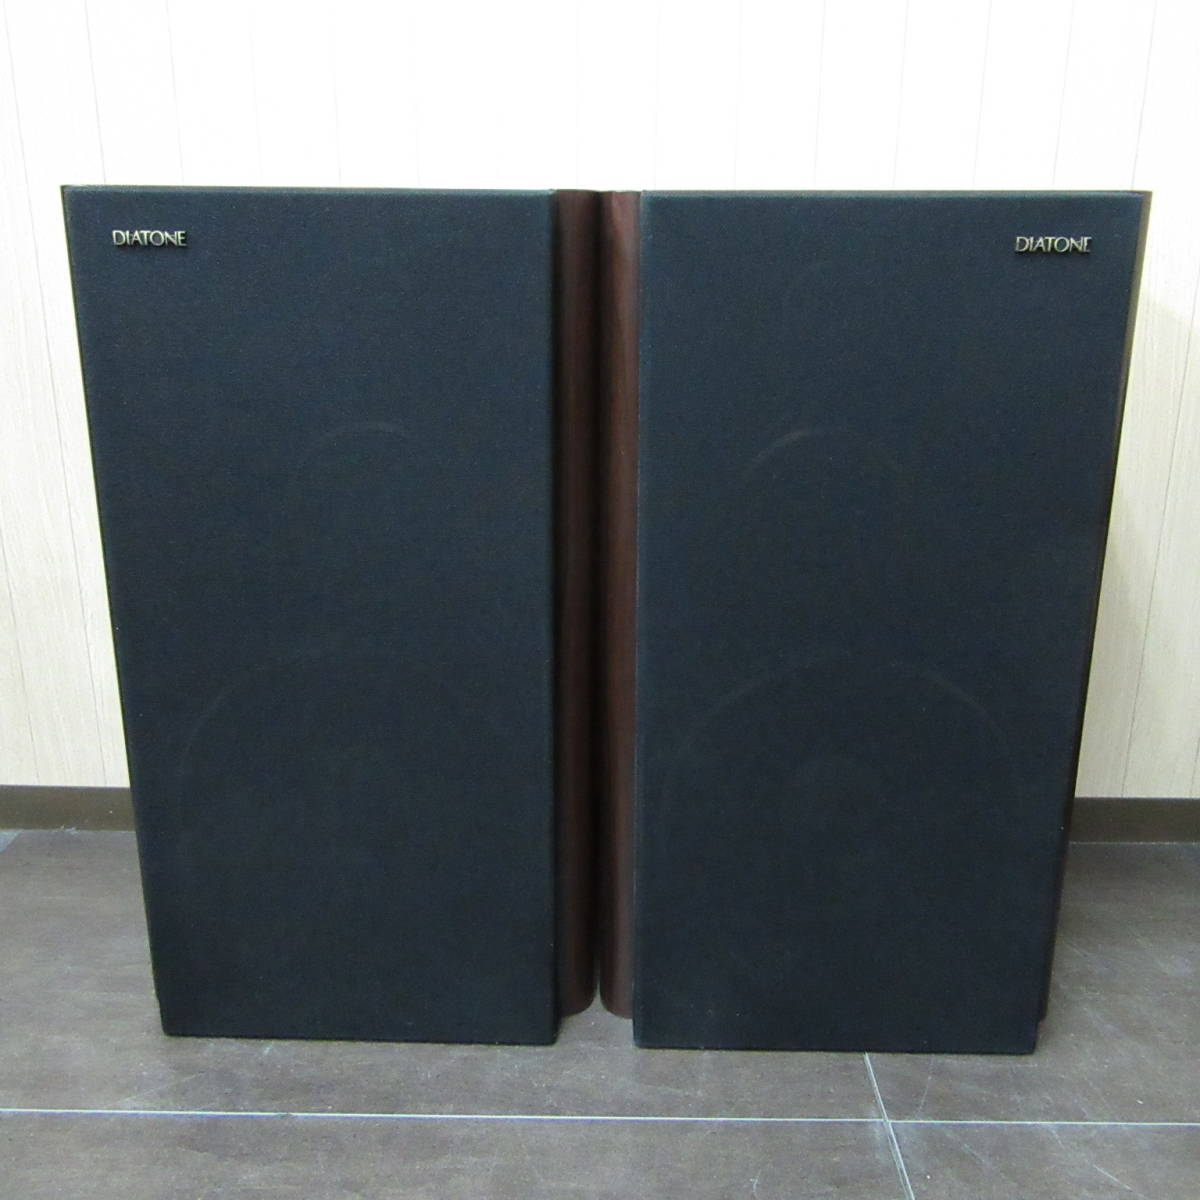 店頭引取歓迎 札幌発 DIATONE スピーカー DS-2000 3ウェイ3スピーカー ブックシェルフ型 オーディオ機器 ダイヤトーン 東KK_画像2